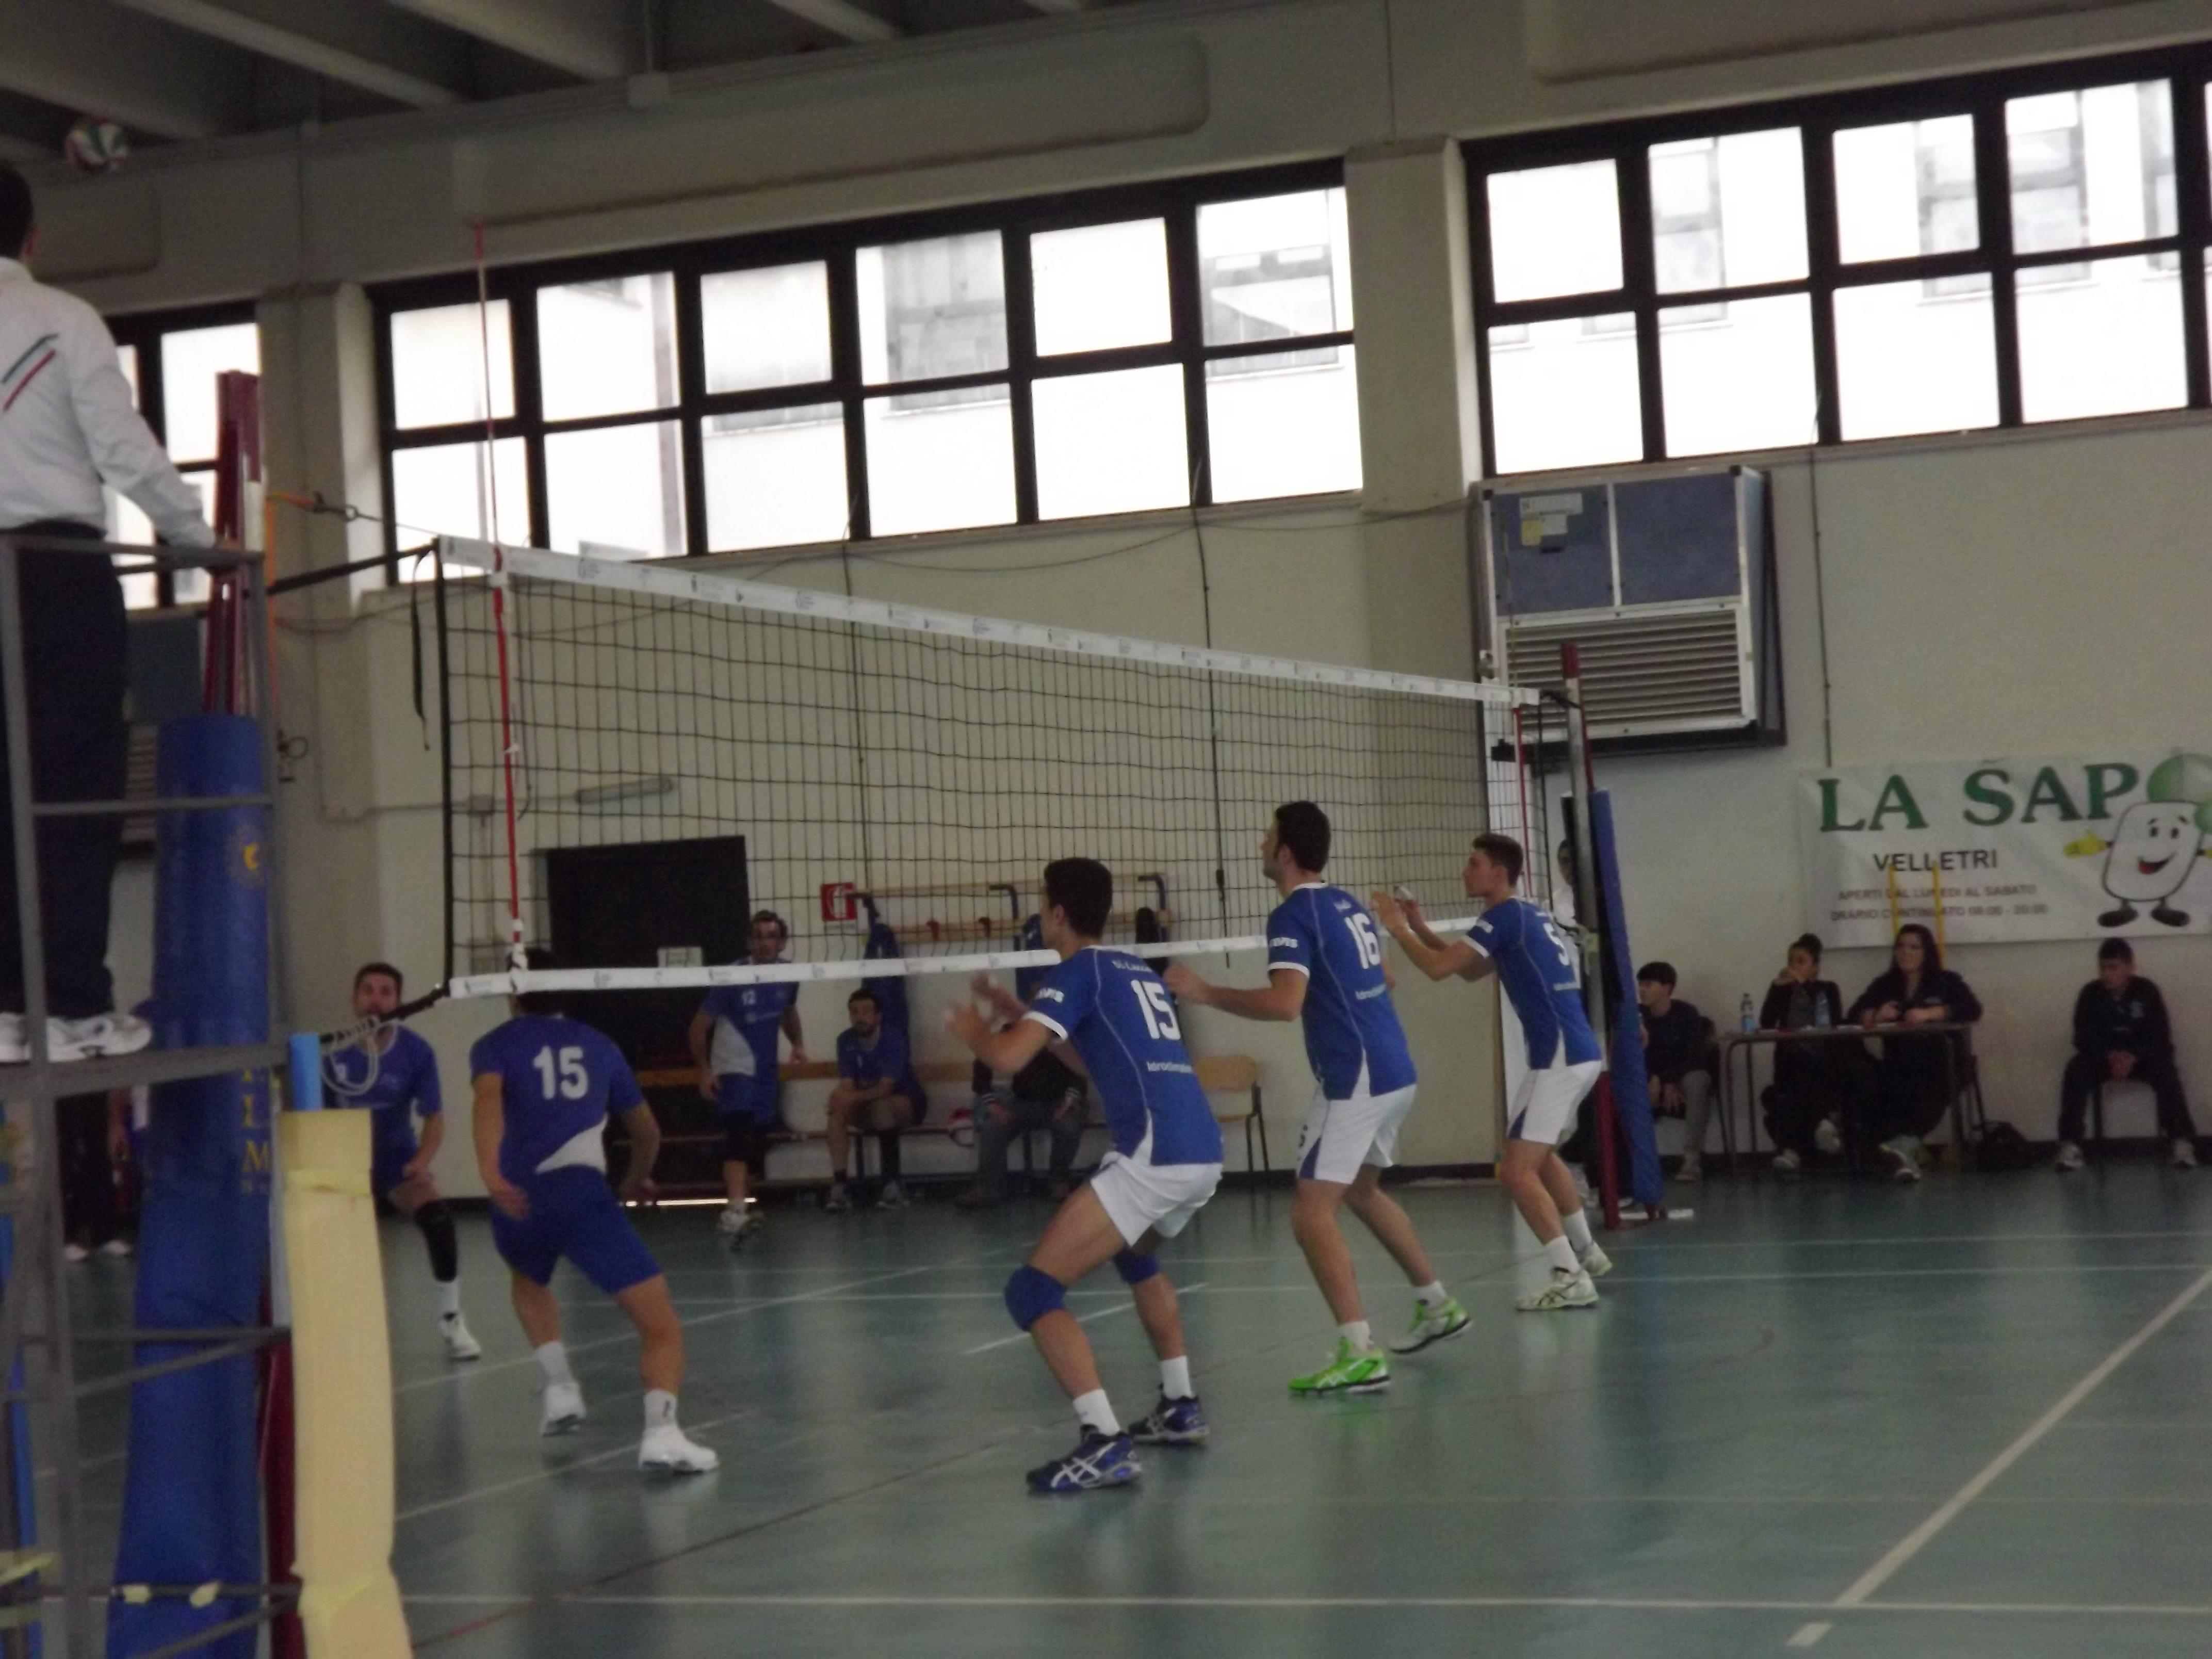 momento_partita_pallavolo_velletri